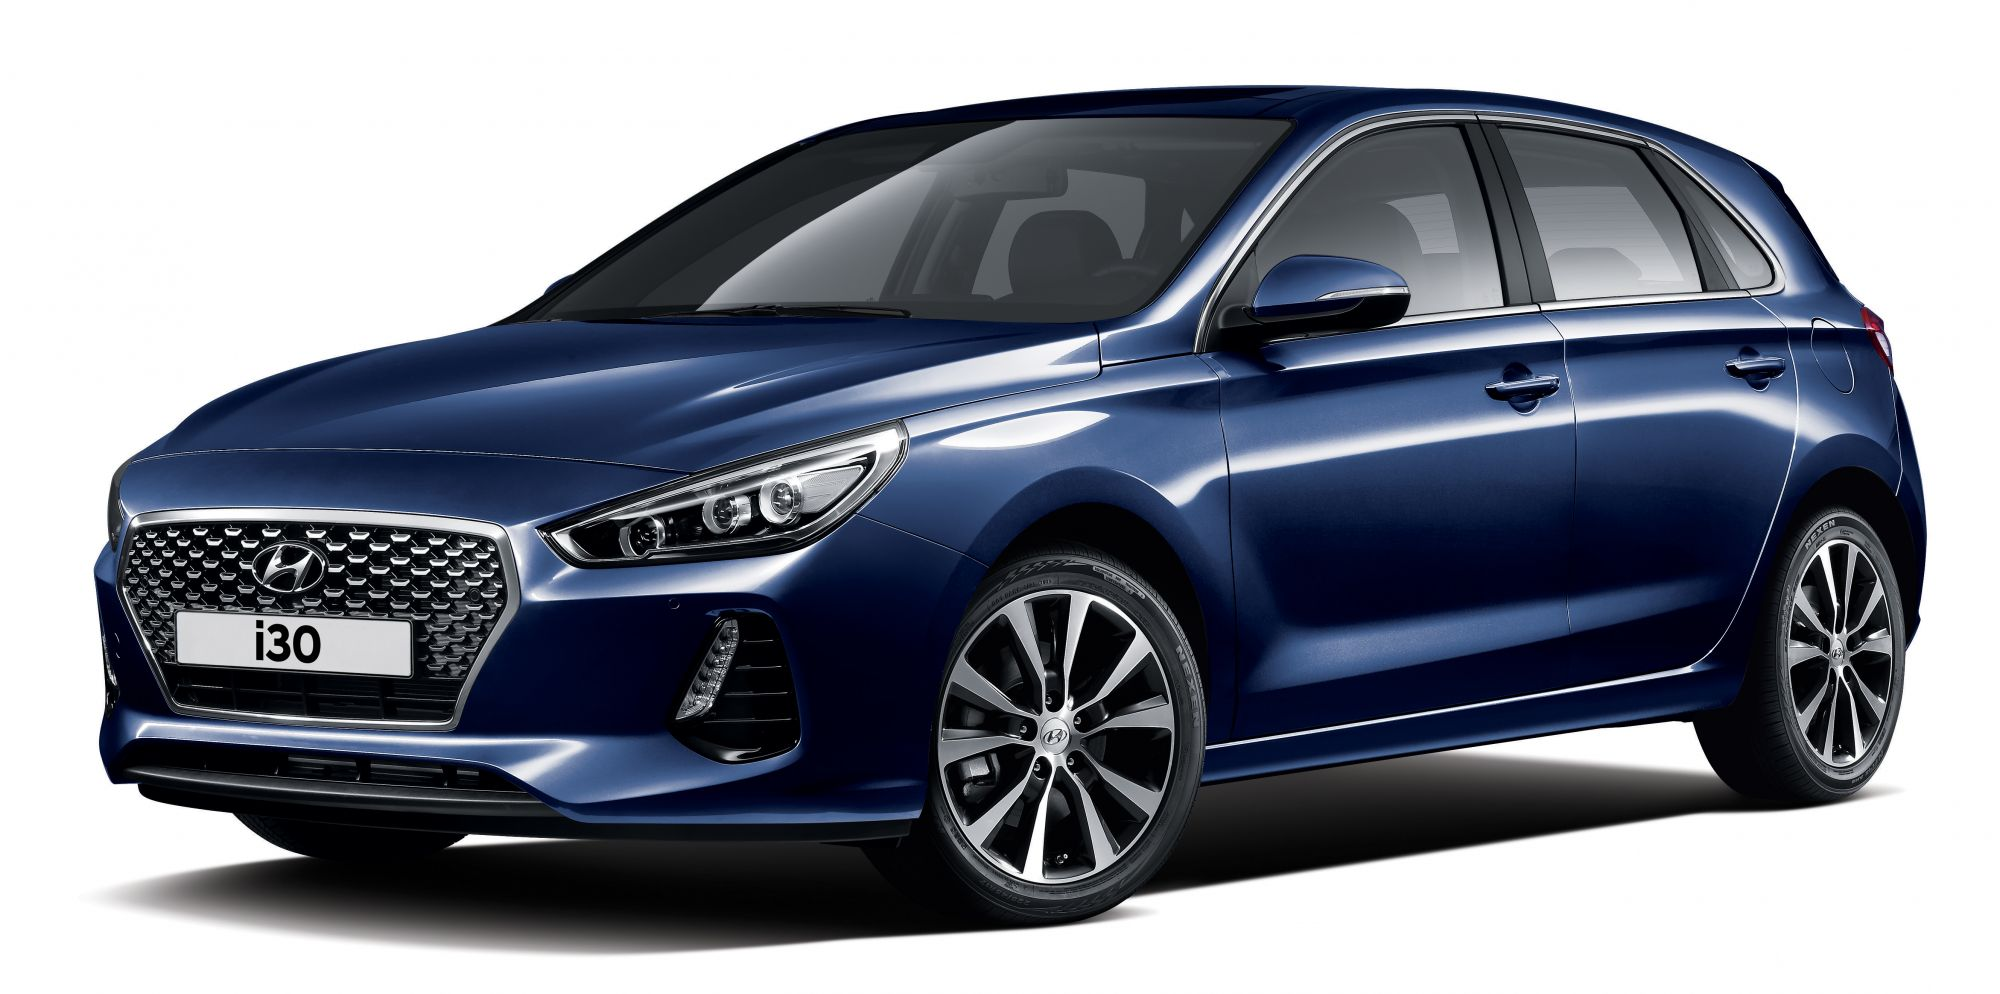 akcija - Hyundai i30 1,4 MPi Style